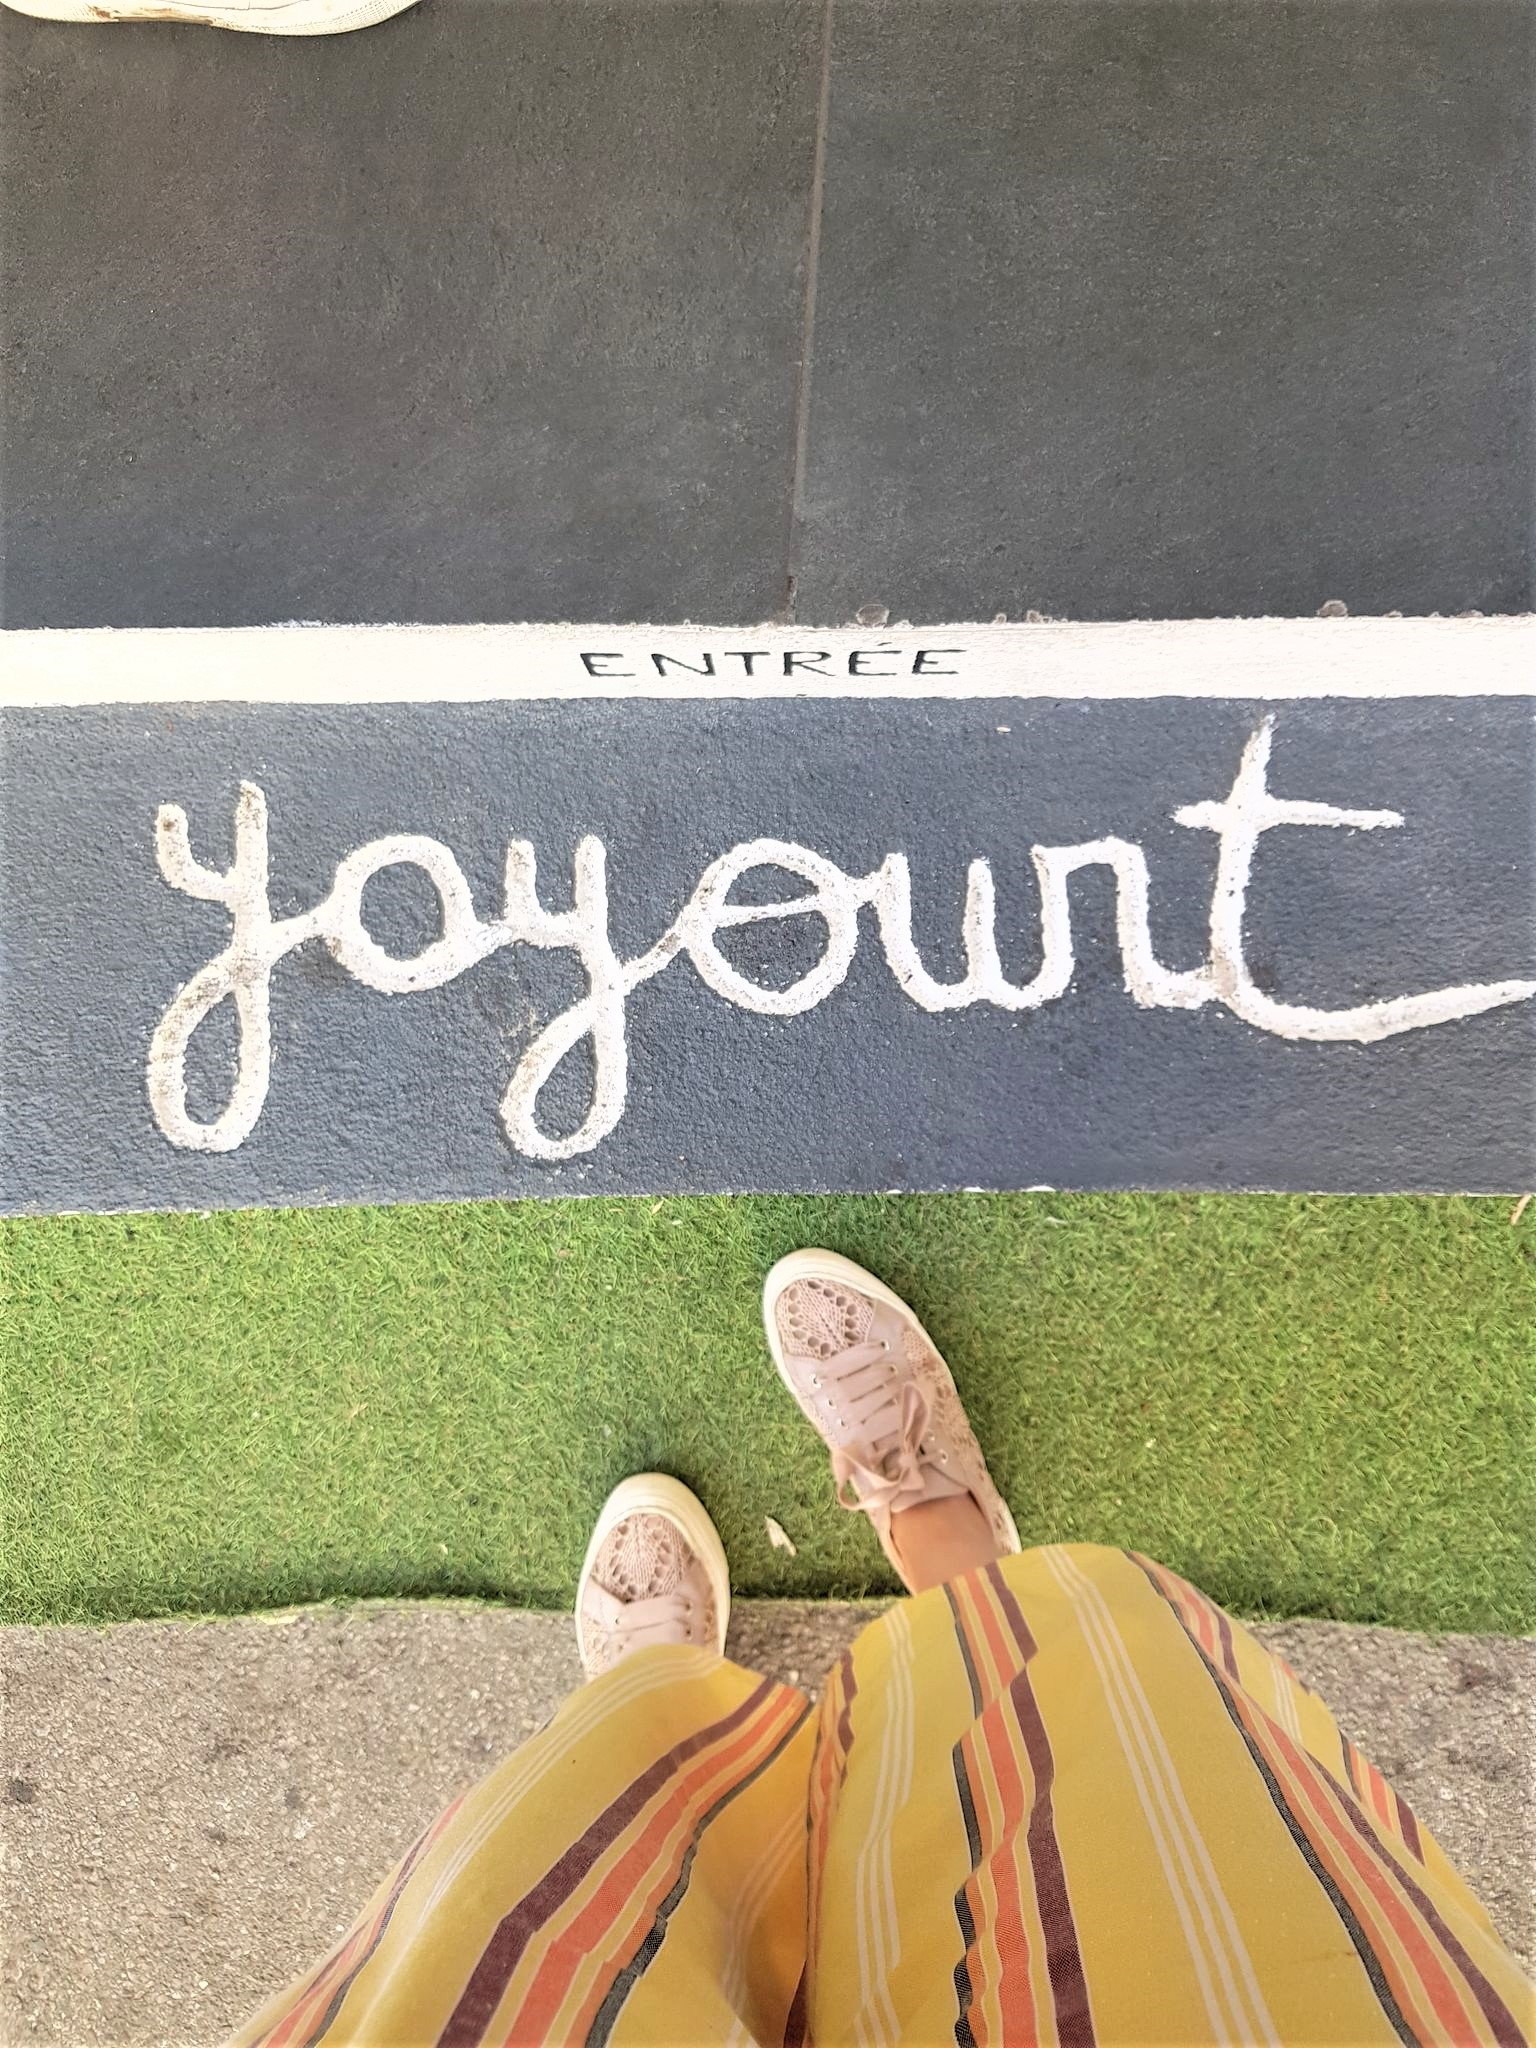 Entrée Yoyourt frozen yogourt sans sucre ajaccio blog voyage corse clioandco